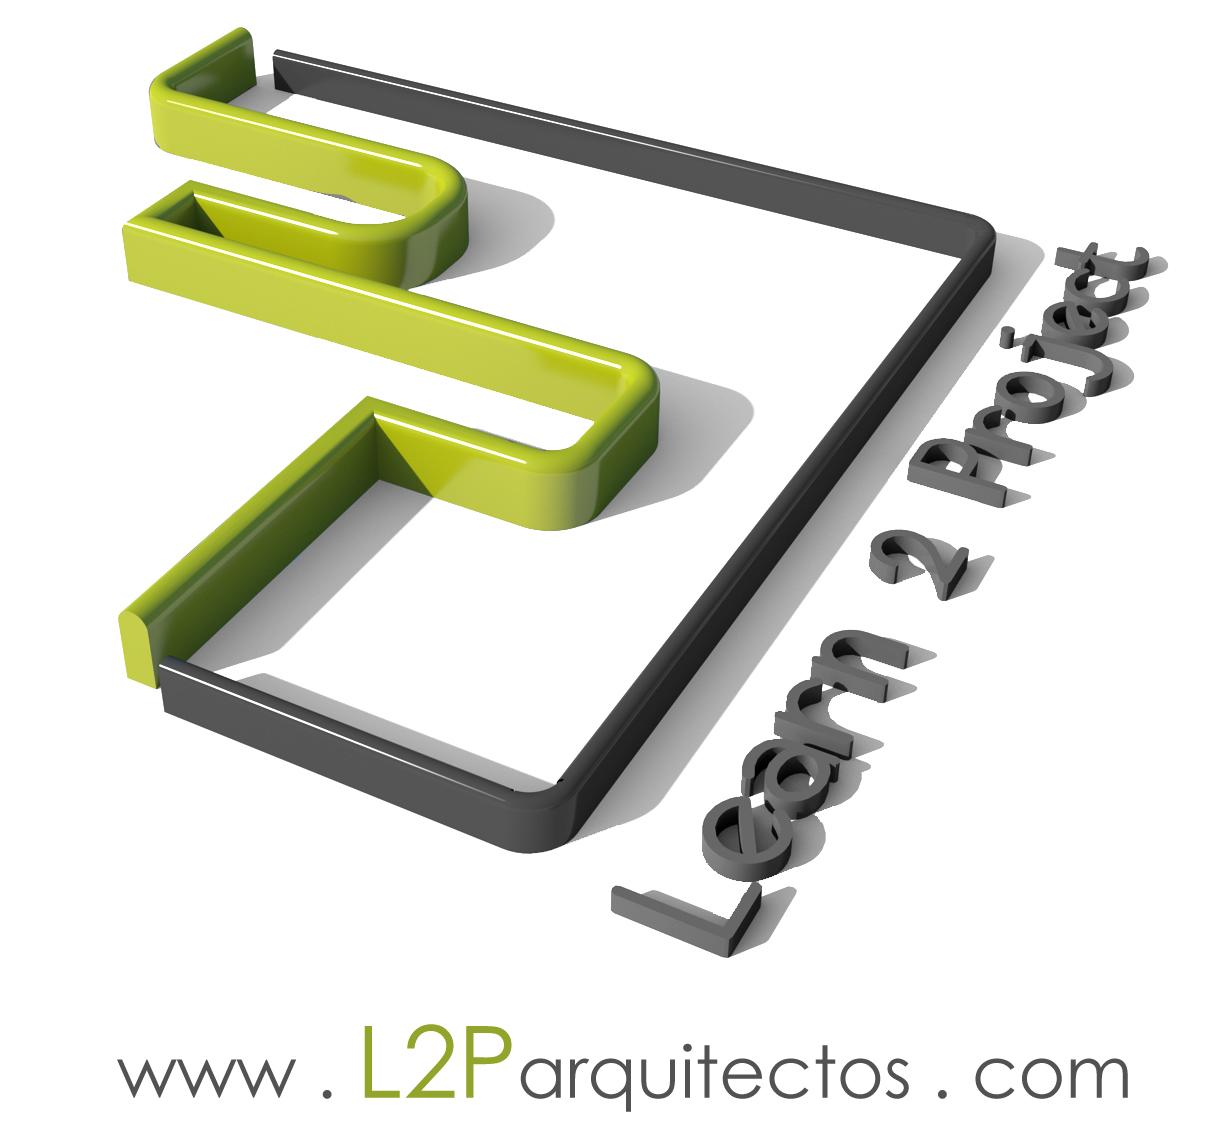 L2P Arquitectos